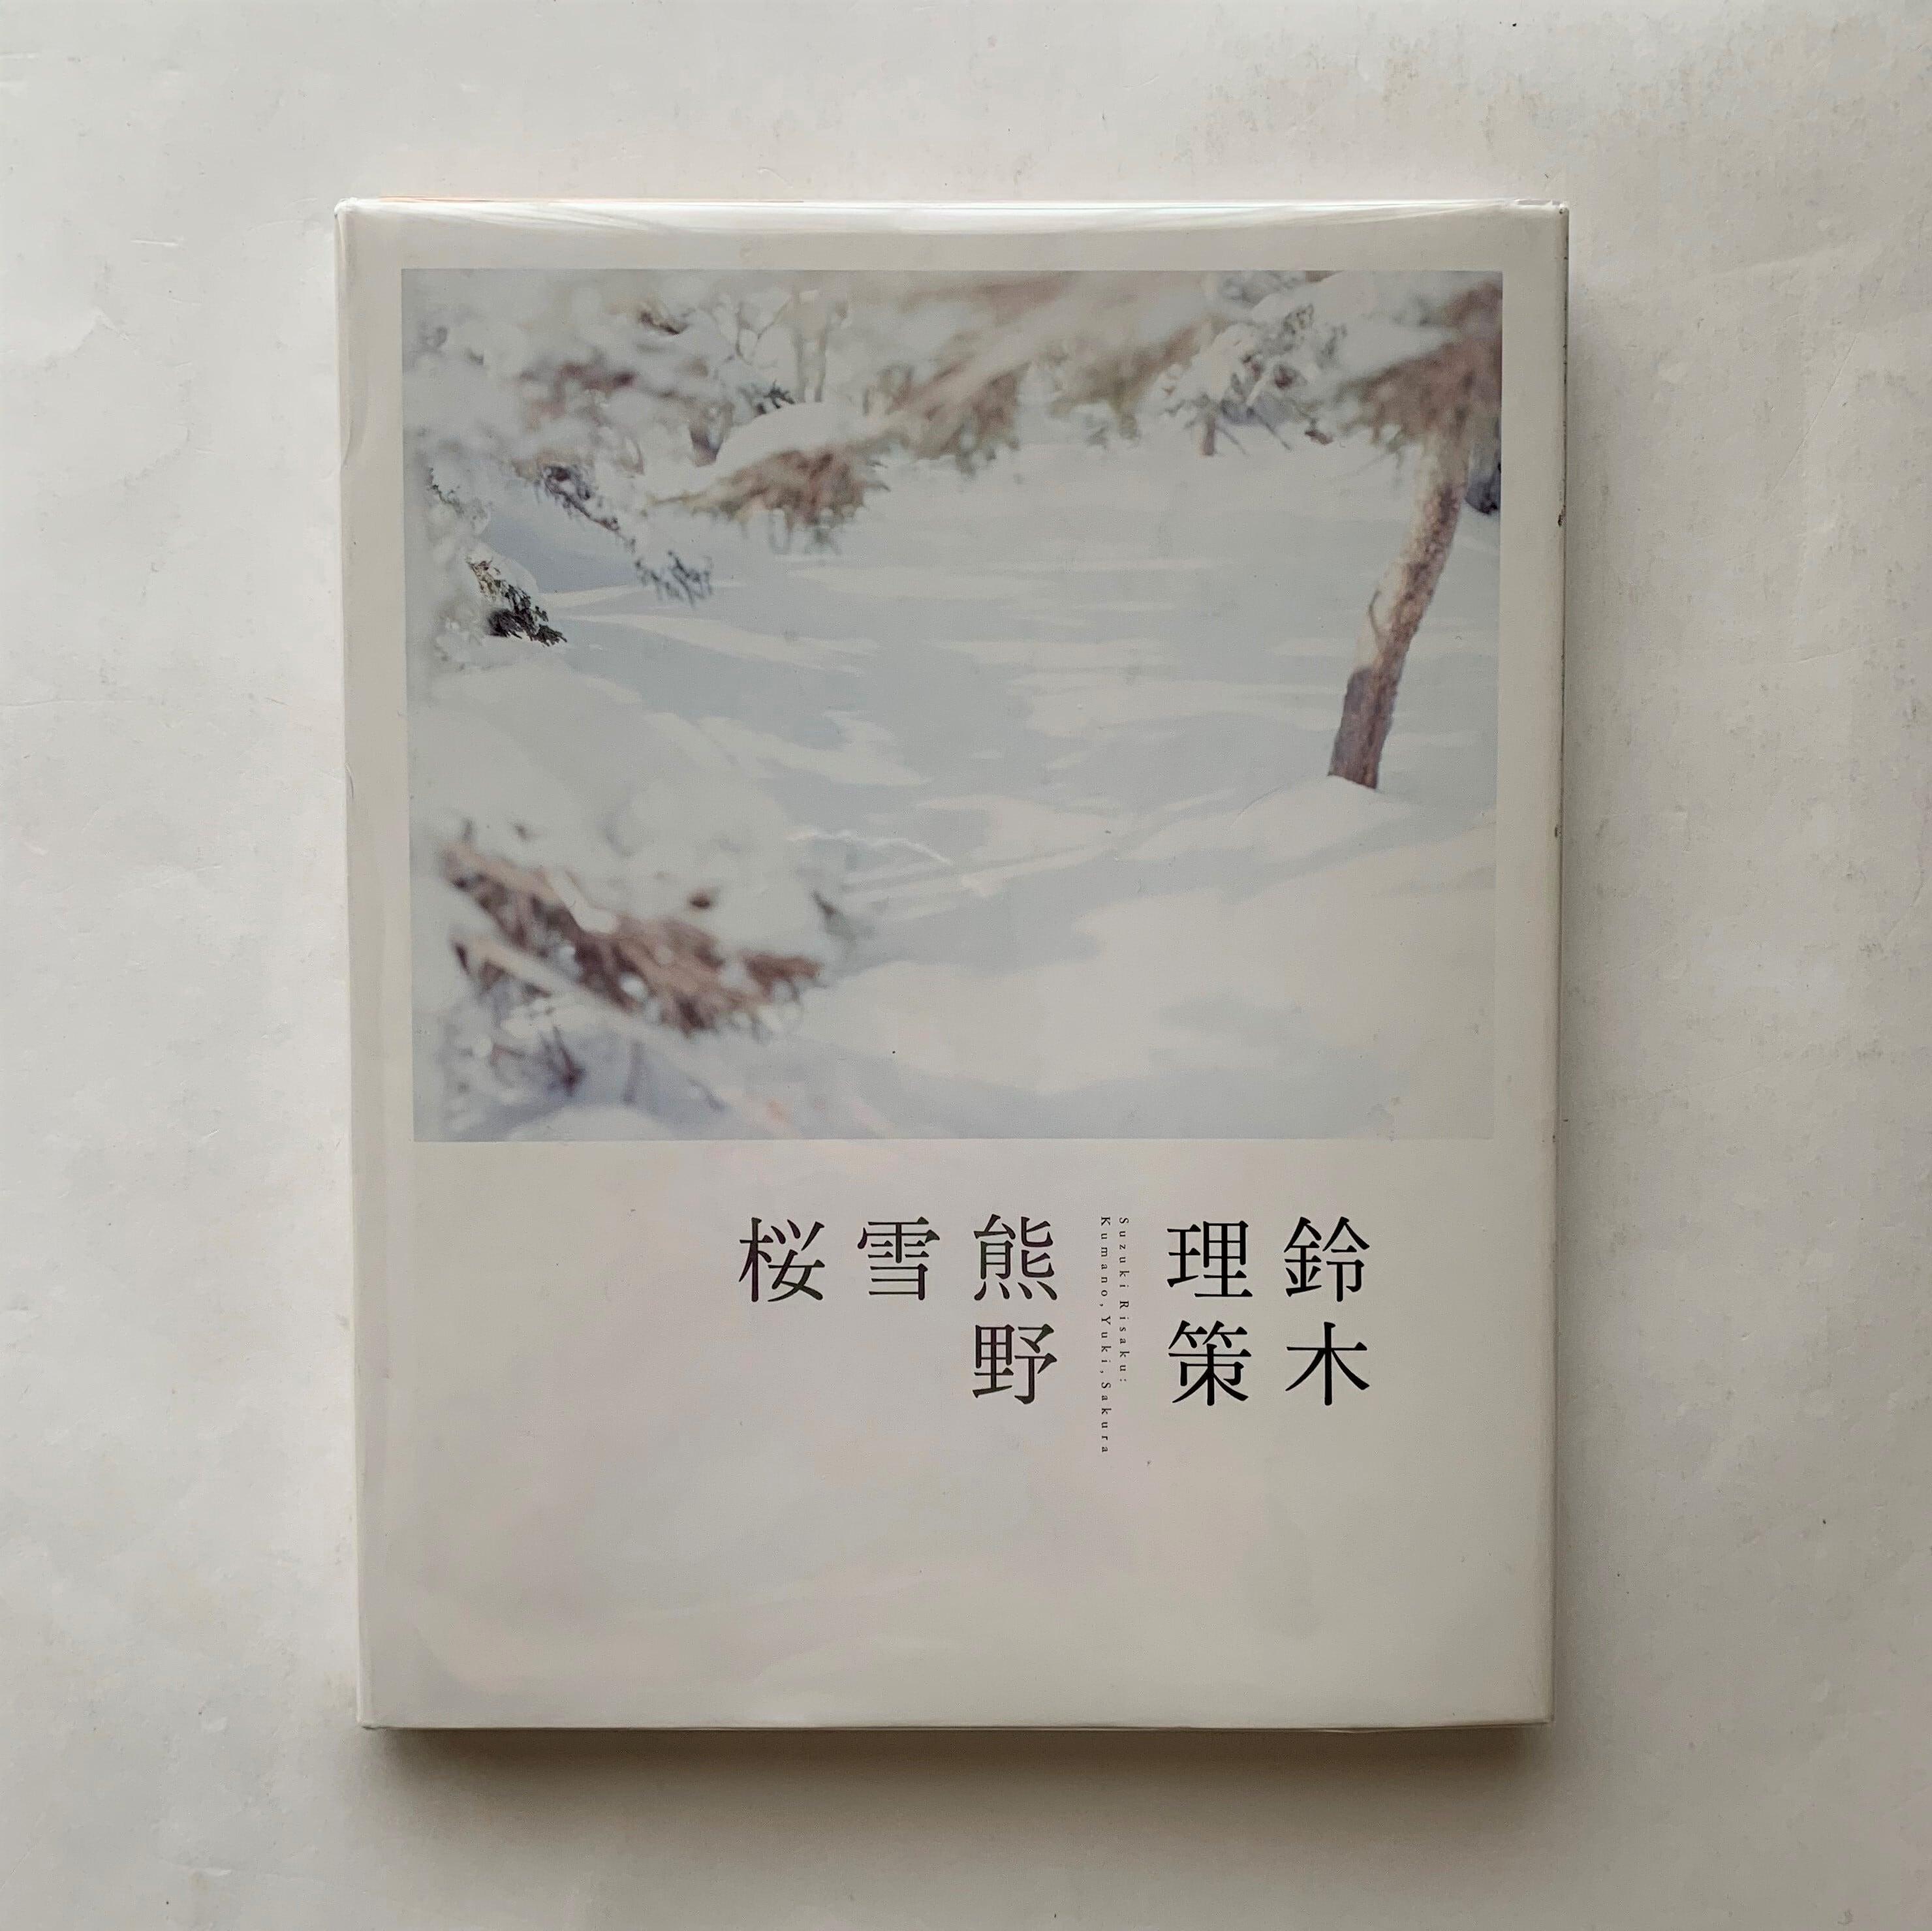 鈴木理策 熊野、雪、桜 / 東京都写真美術館